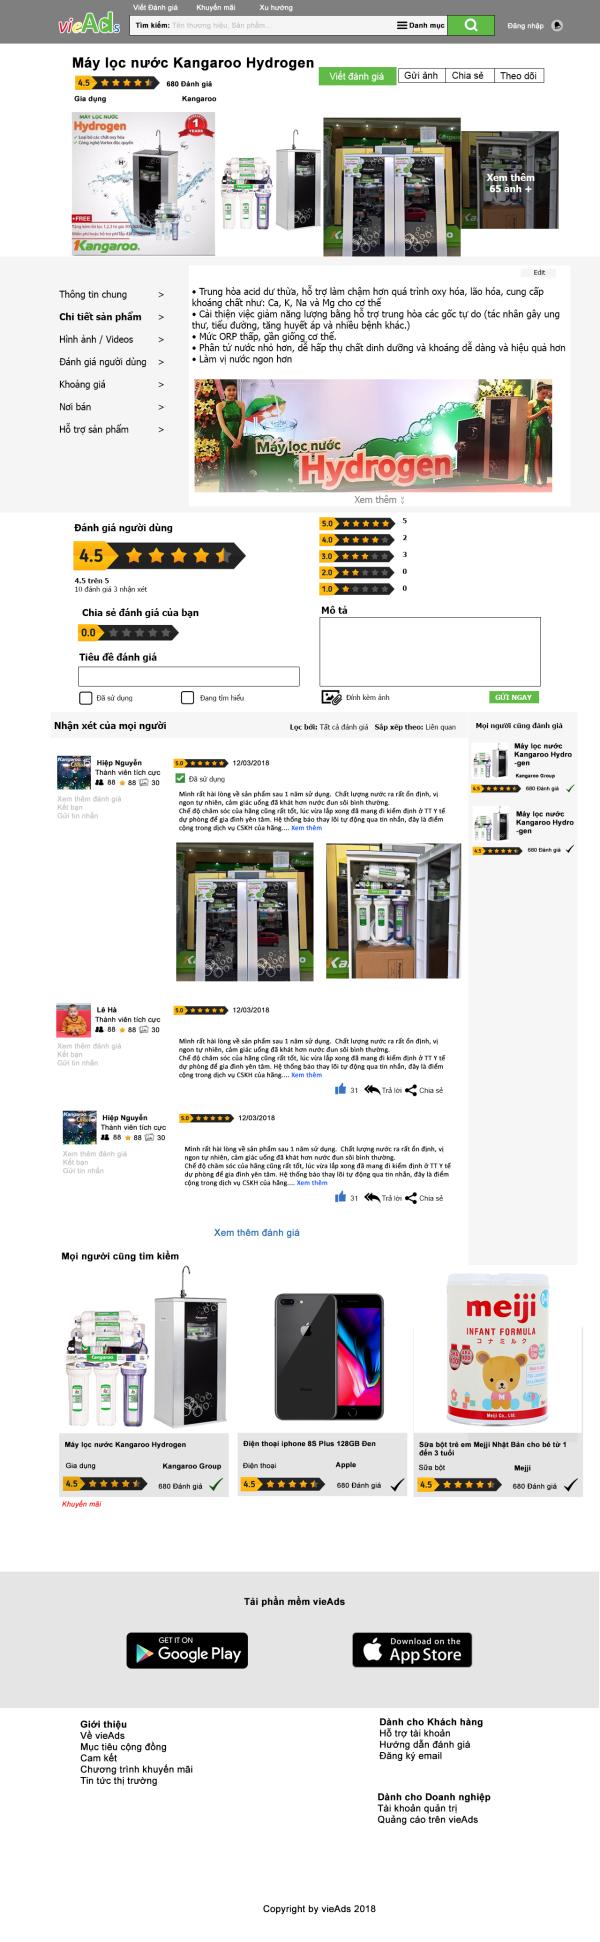 Vieads - Cộng đồng đánh giá trực tuyến